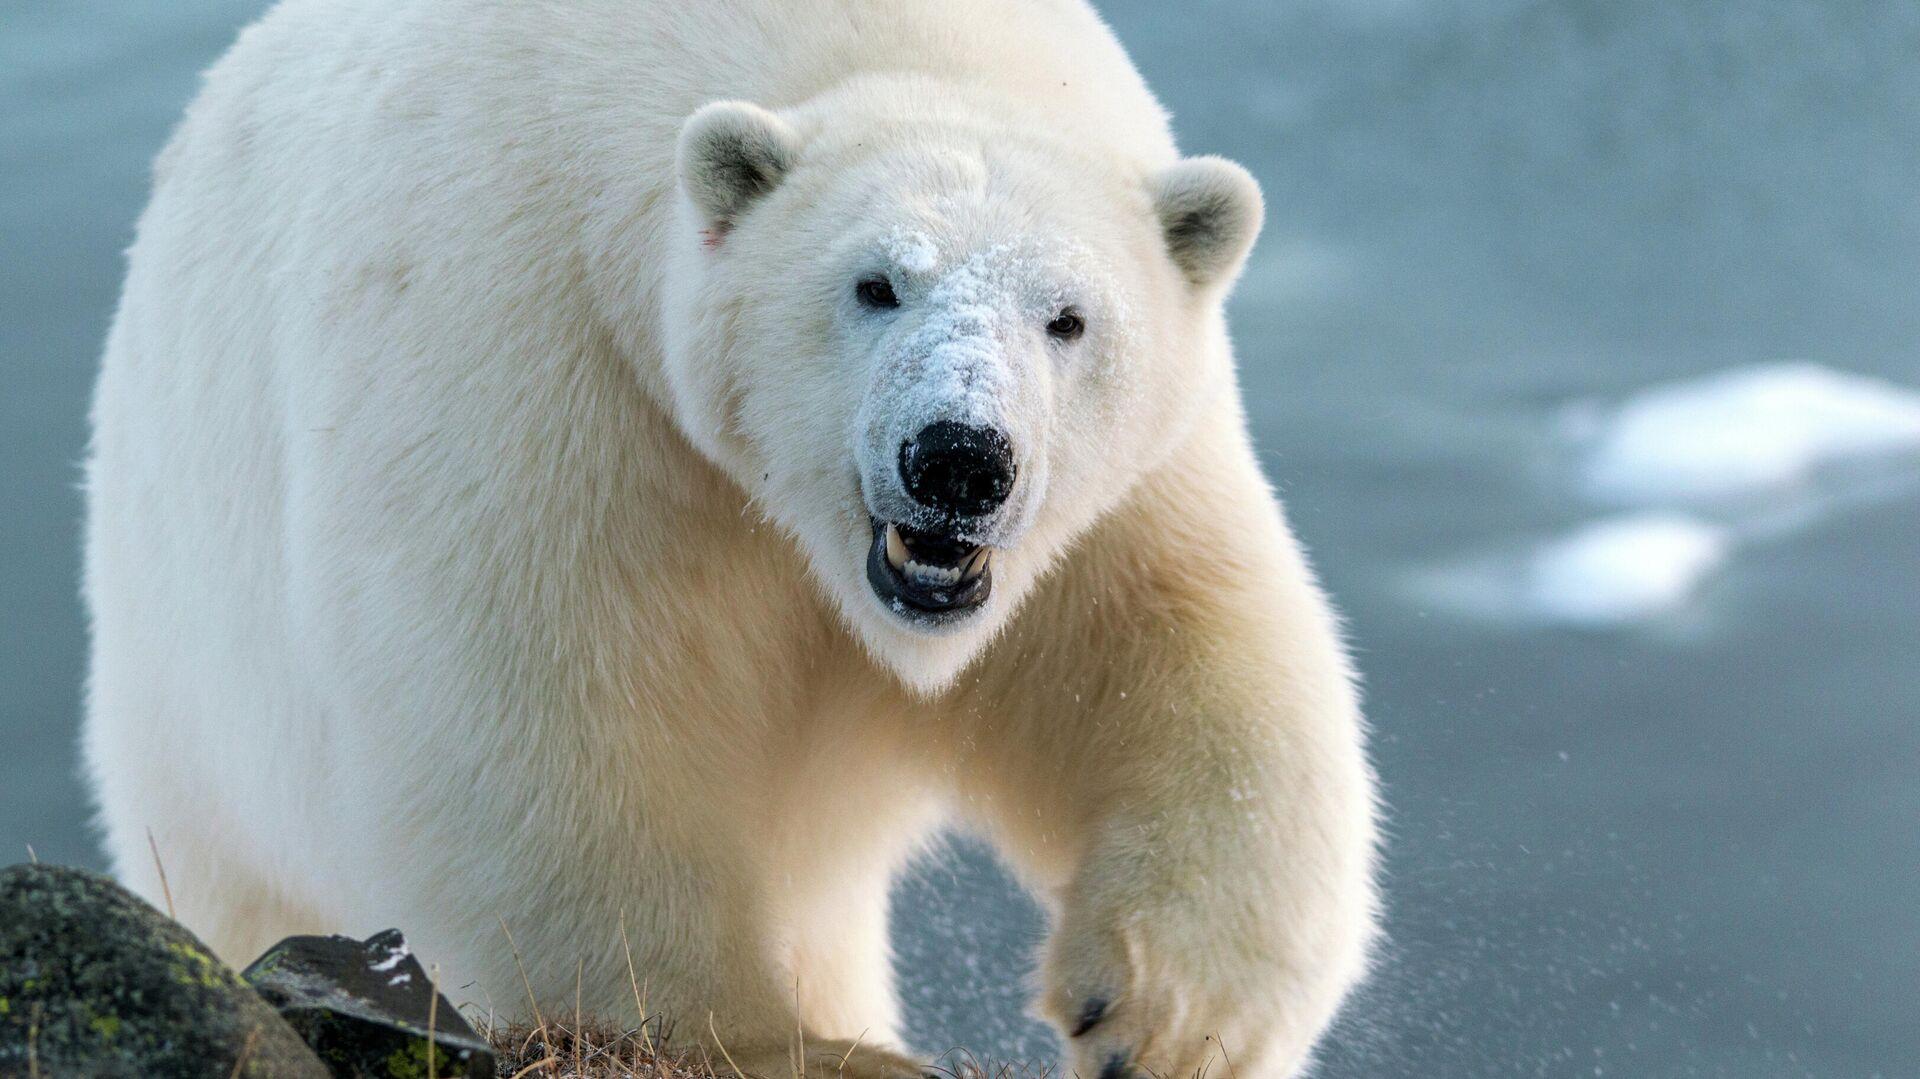 Un oso polar - Sputnik Mundo, 1920, 18.02.2021